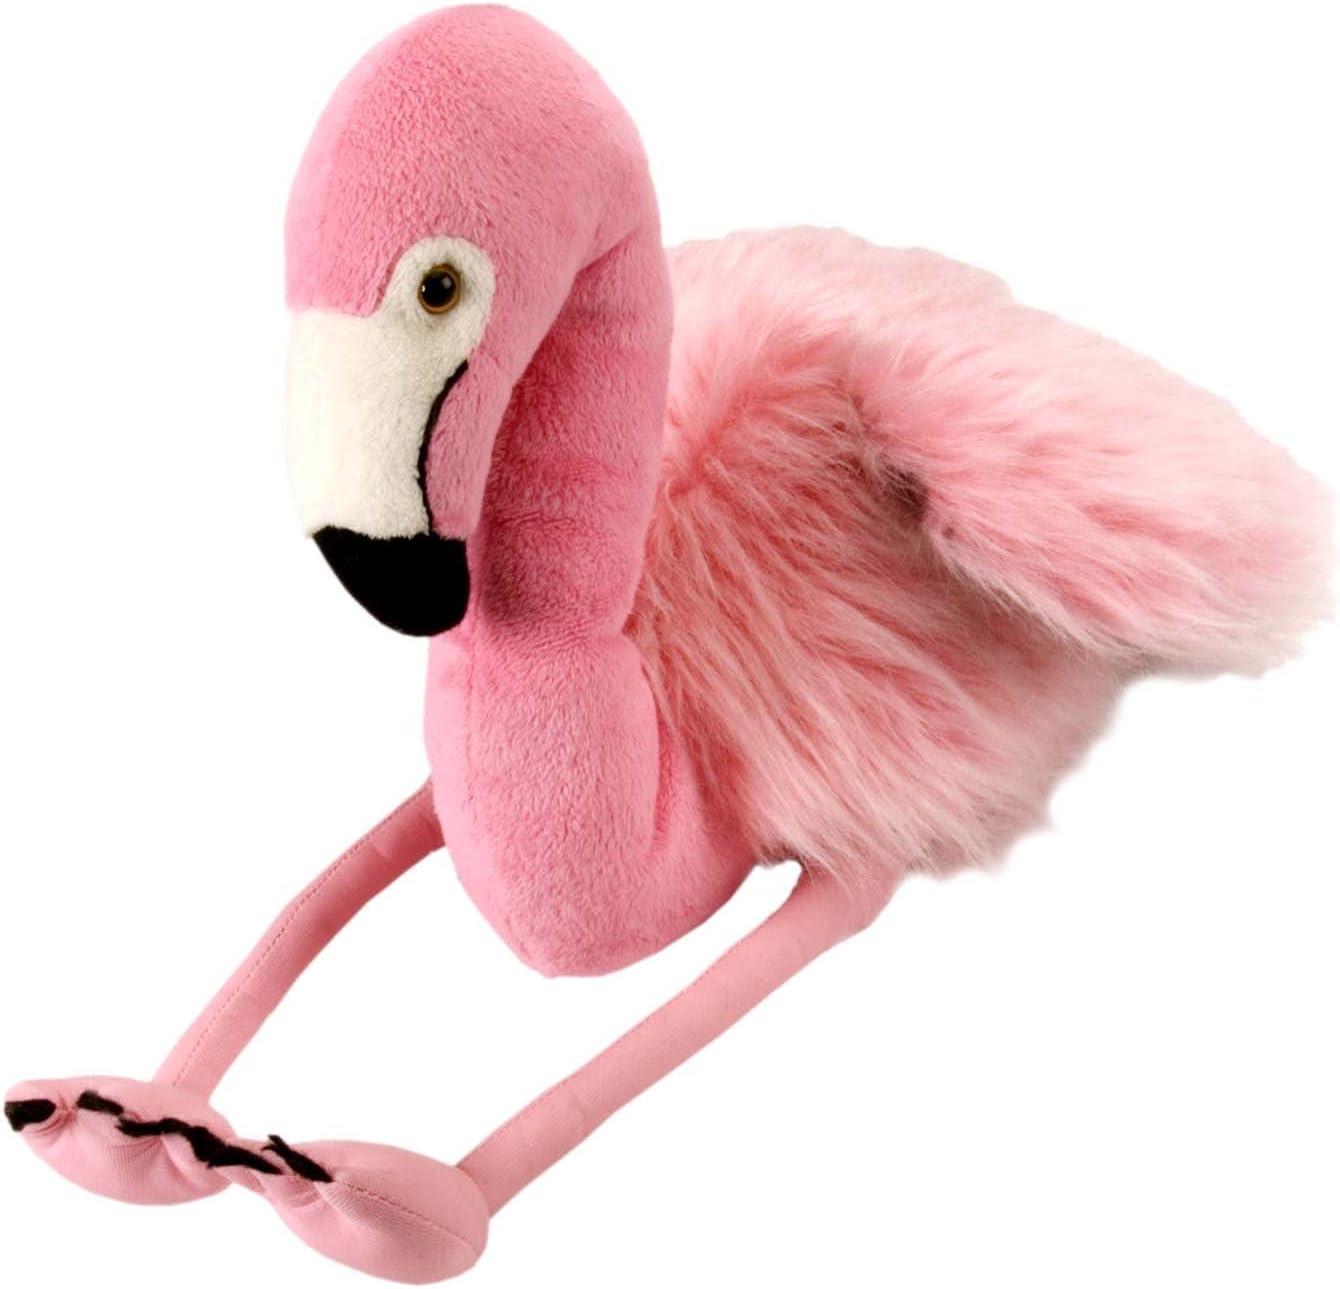 Multicolore 8029956059407 Plush /& Company Chiby Gru Rosa L50 Cm Uccello Volatile Peluches Giocattolo 776